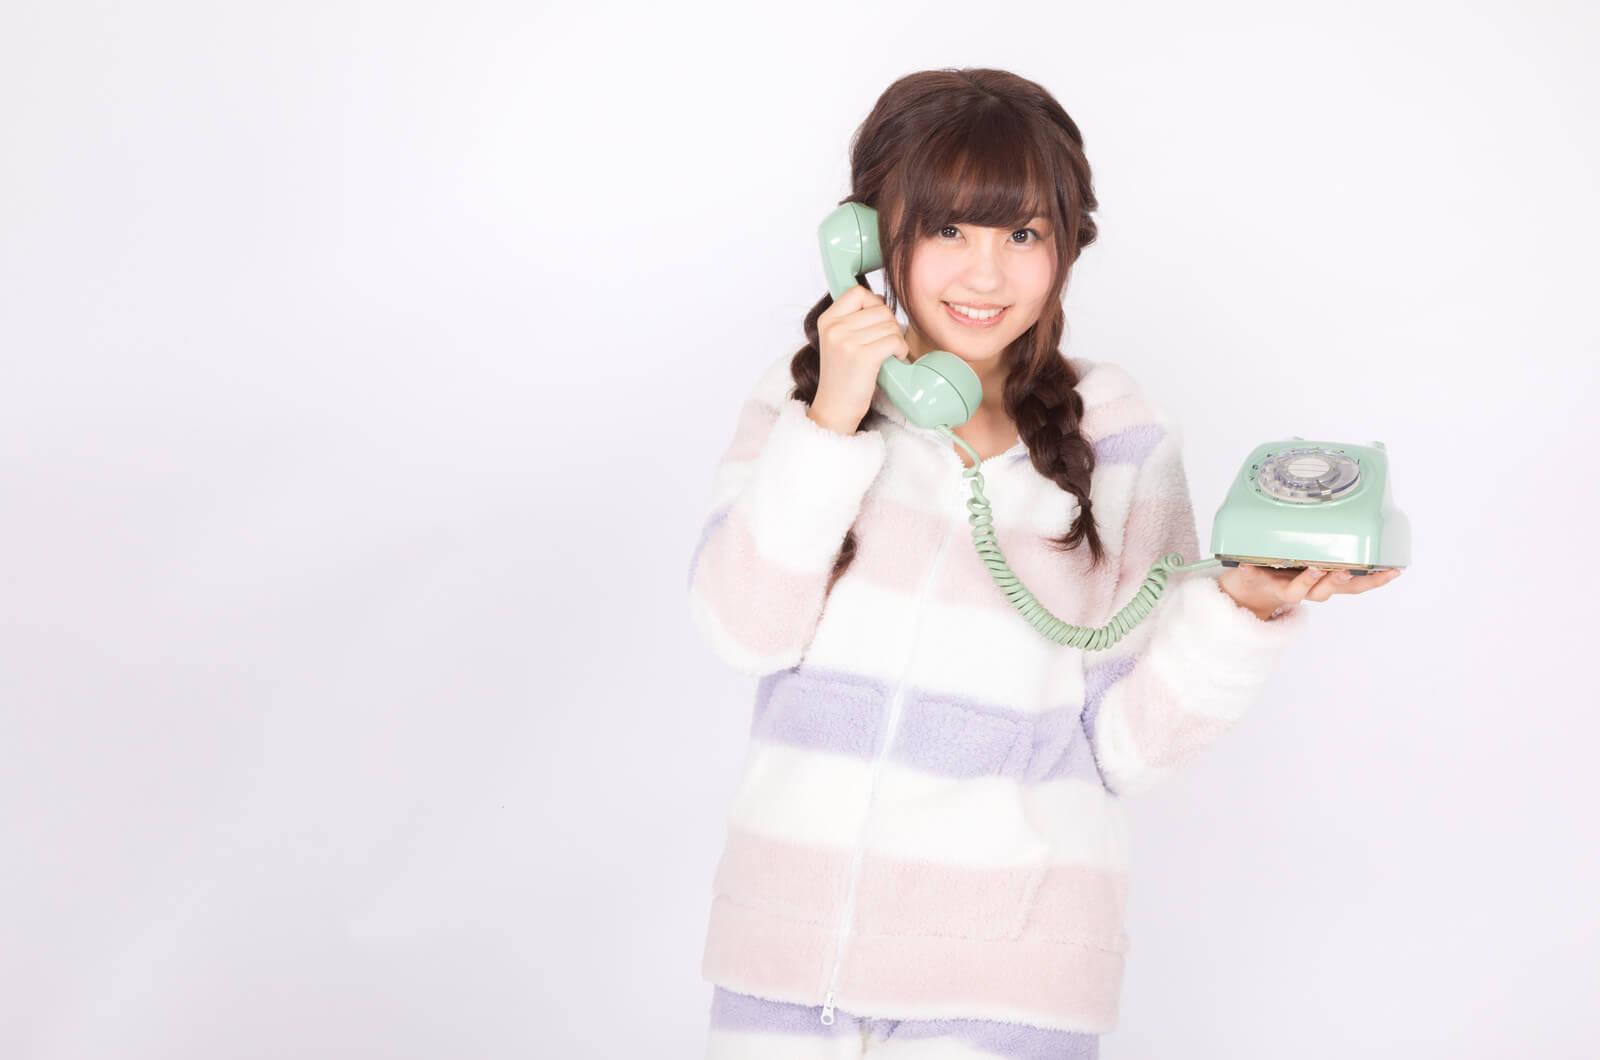 エックスモバイル(X-mobile)(旧もしもシークス)の回線で電話する女性